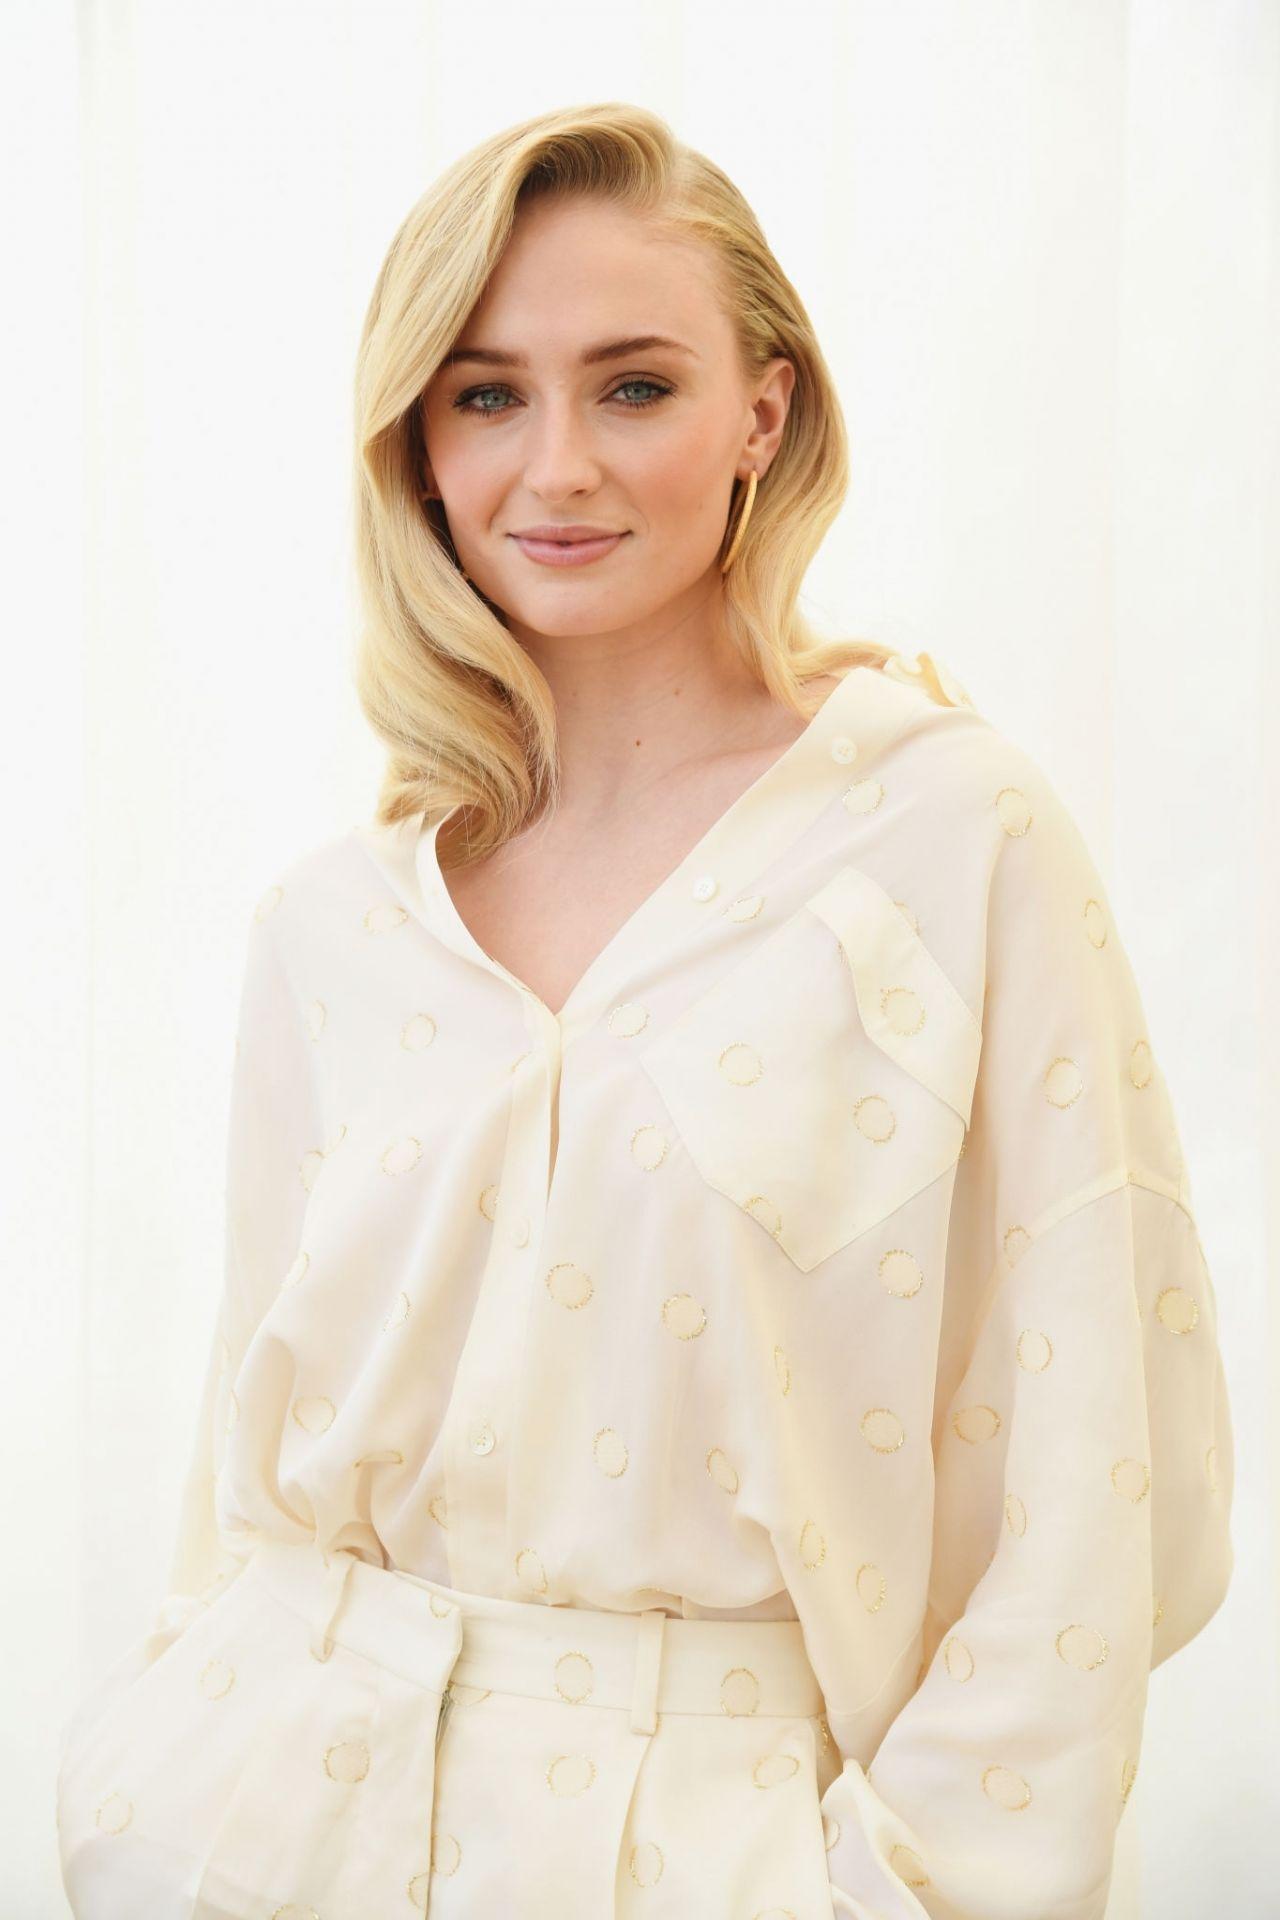 Emma Stone Vanity Fair Photoshoot Sophie Turner - Roc Na...